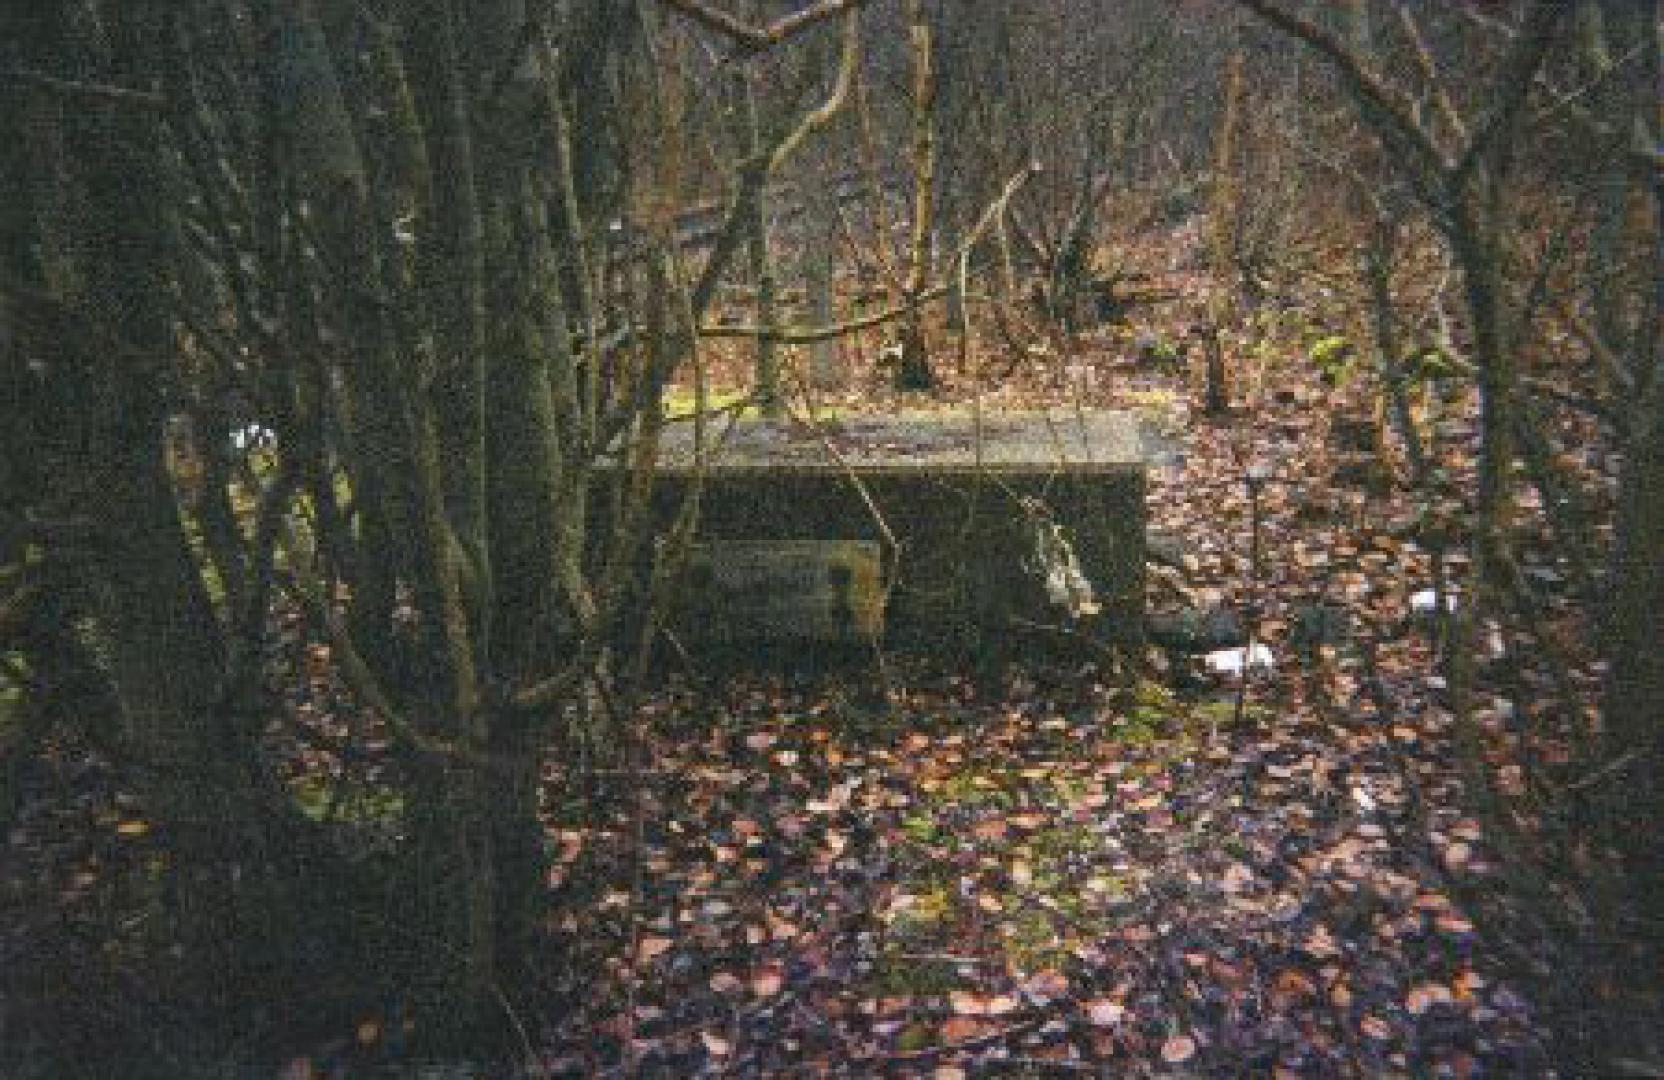 Dudleytown, a kárhozottak faluja 3. kép